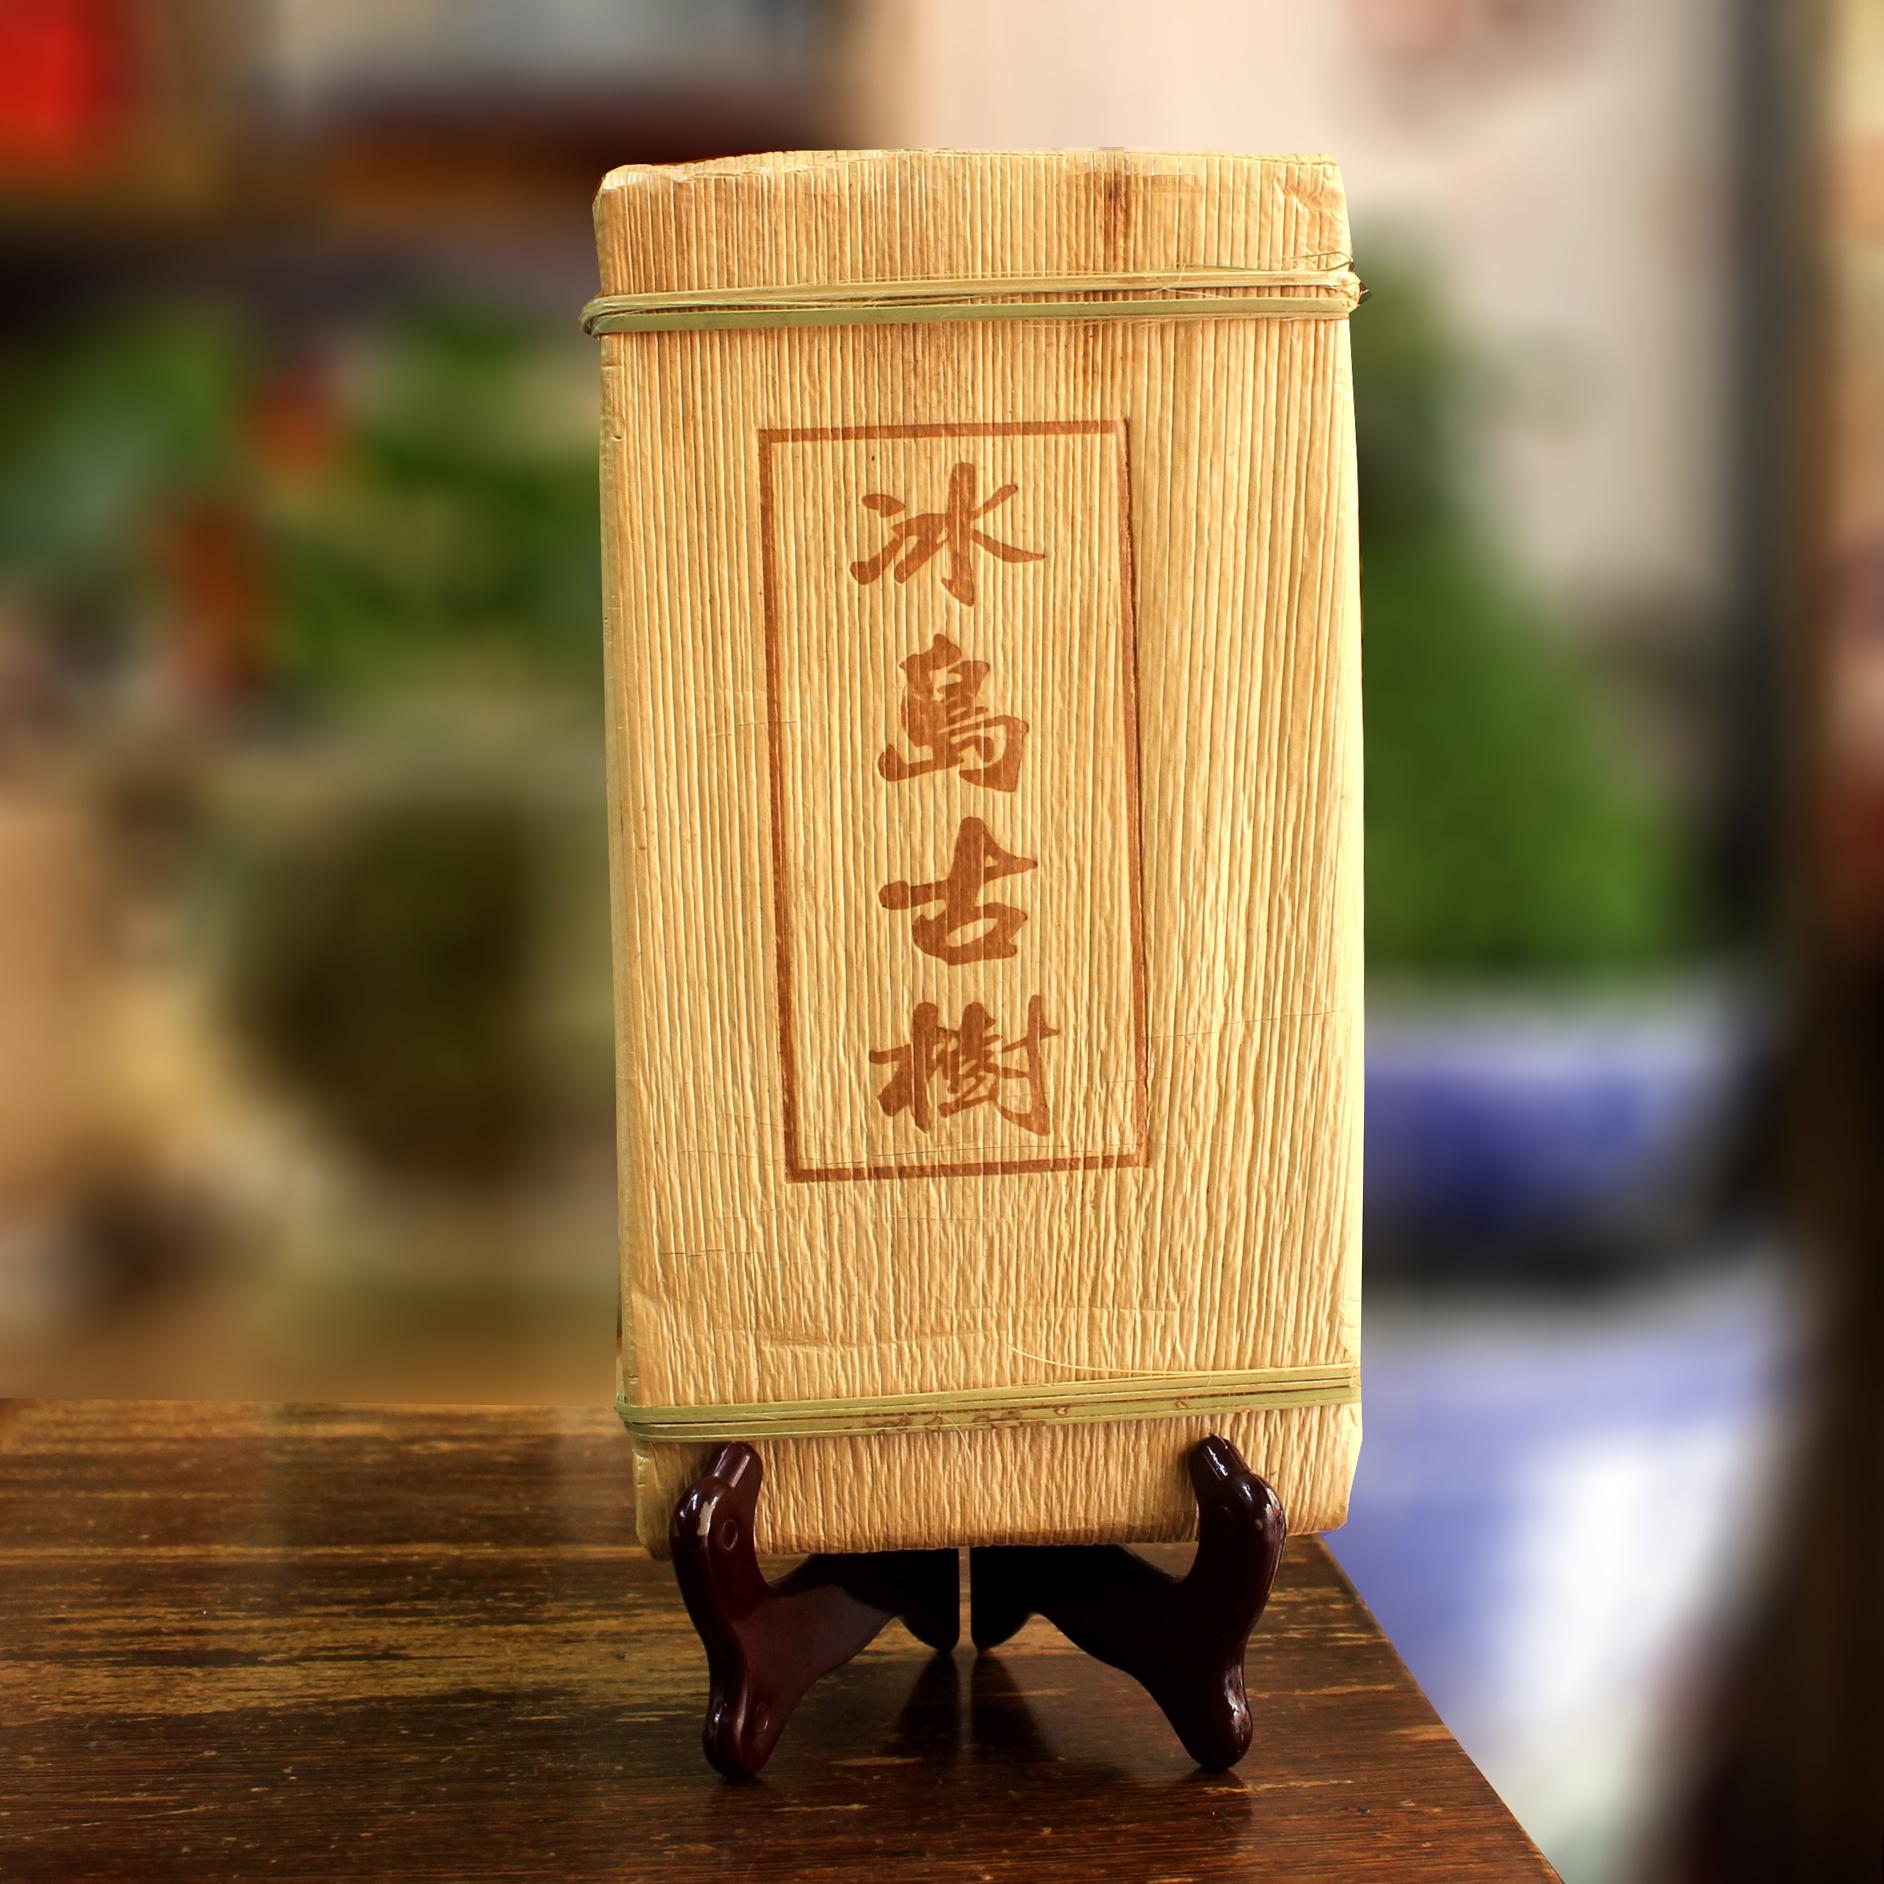 2012年春茶 300年冰岛古树黄金叶 普洱茶生茶砖茶 1000g茶砖包邮